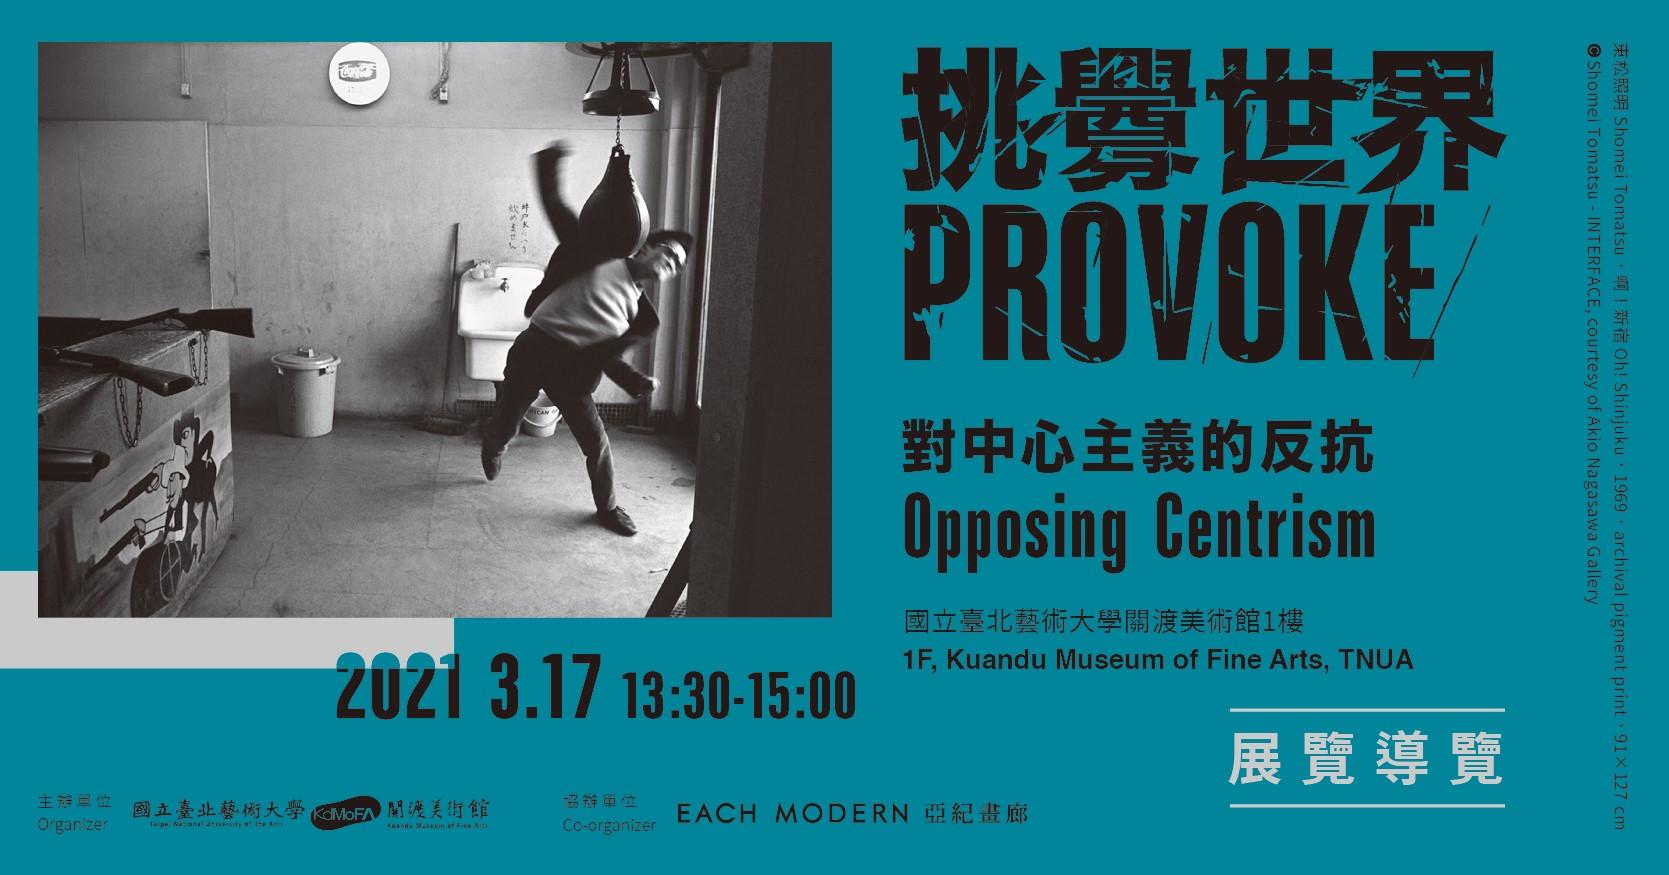 挑釁世界:對中心主義的反抗展覽介紹